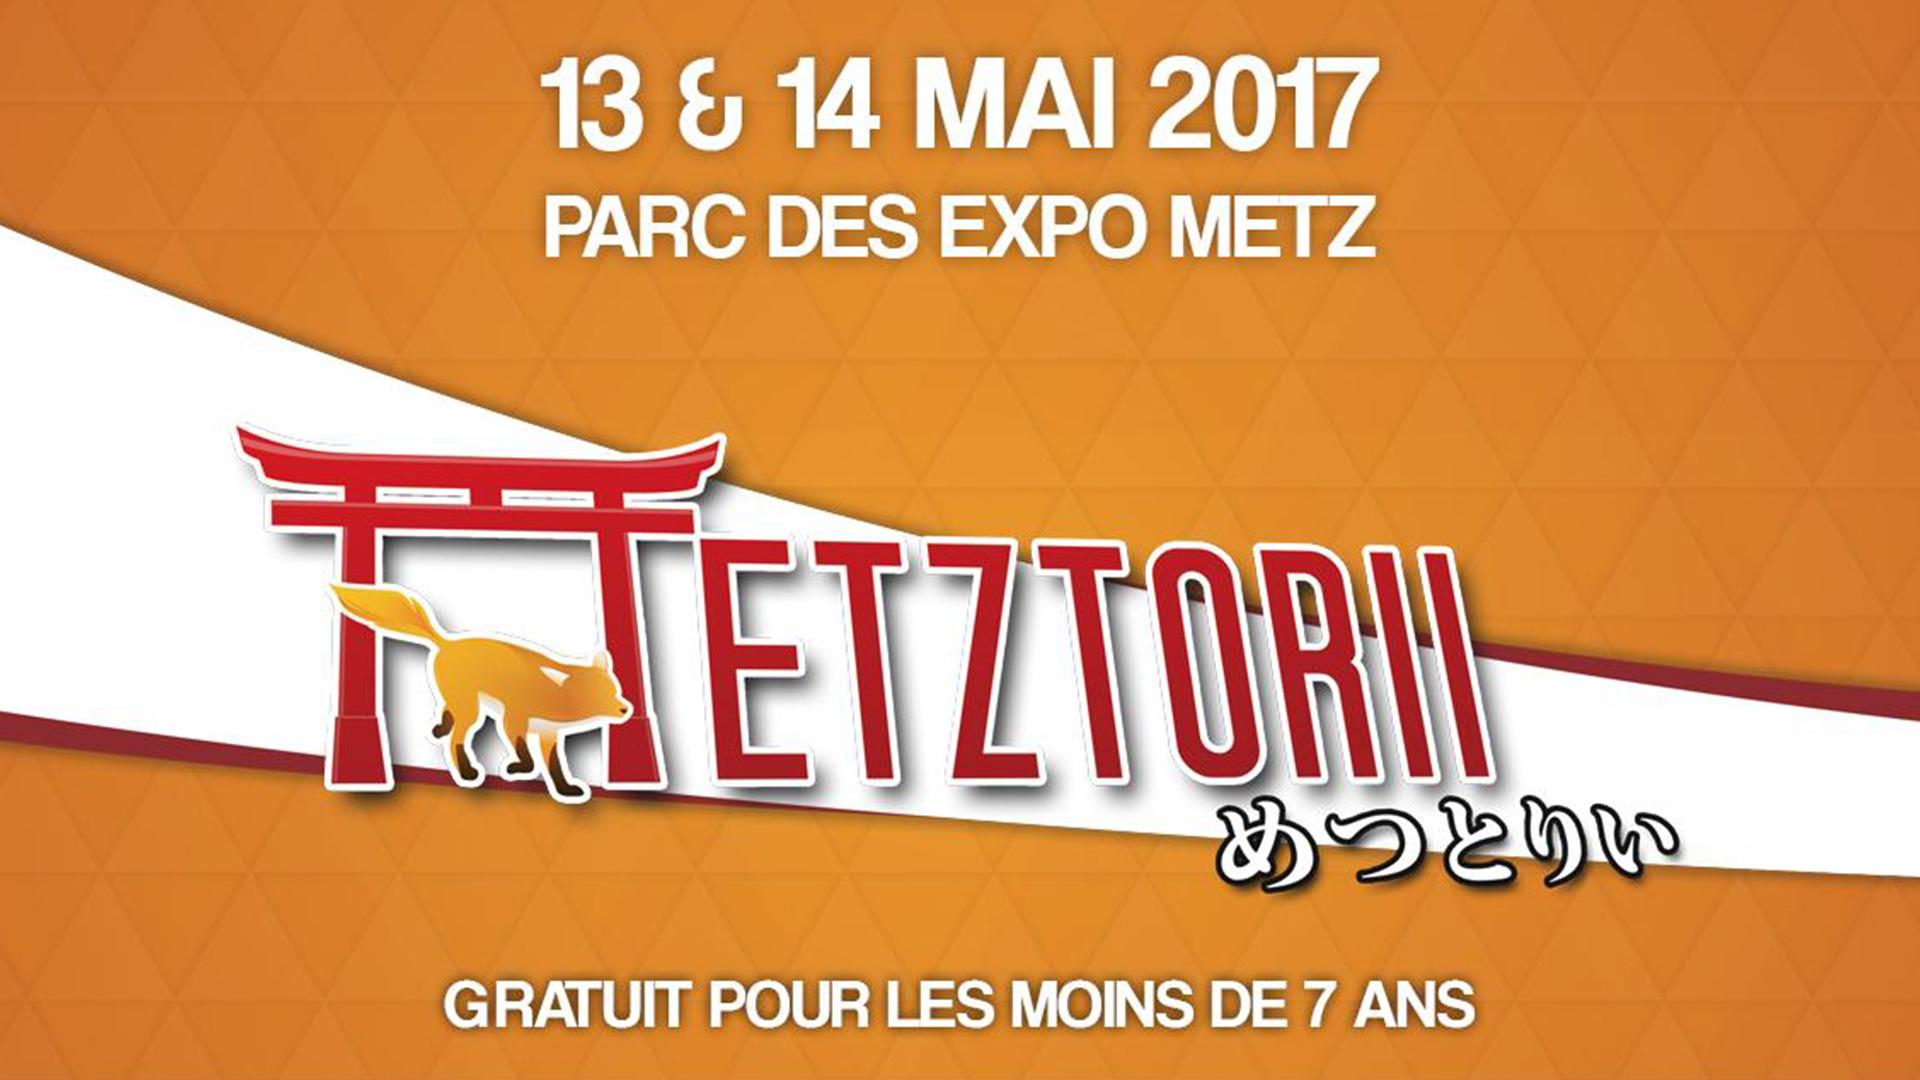 MetzTorii 2017 - du 13 au 14 mai 2017 - Parc des Expo Metz